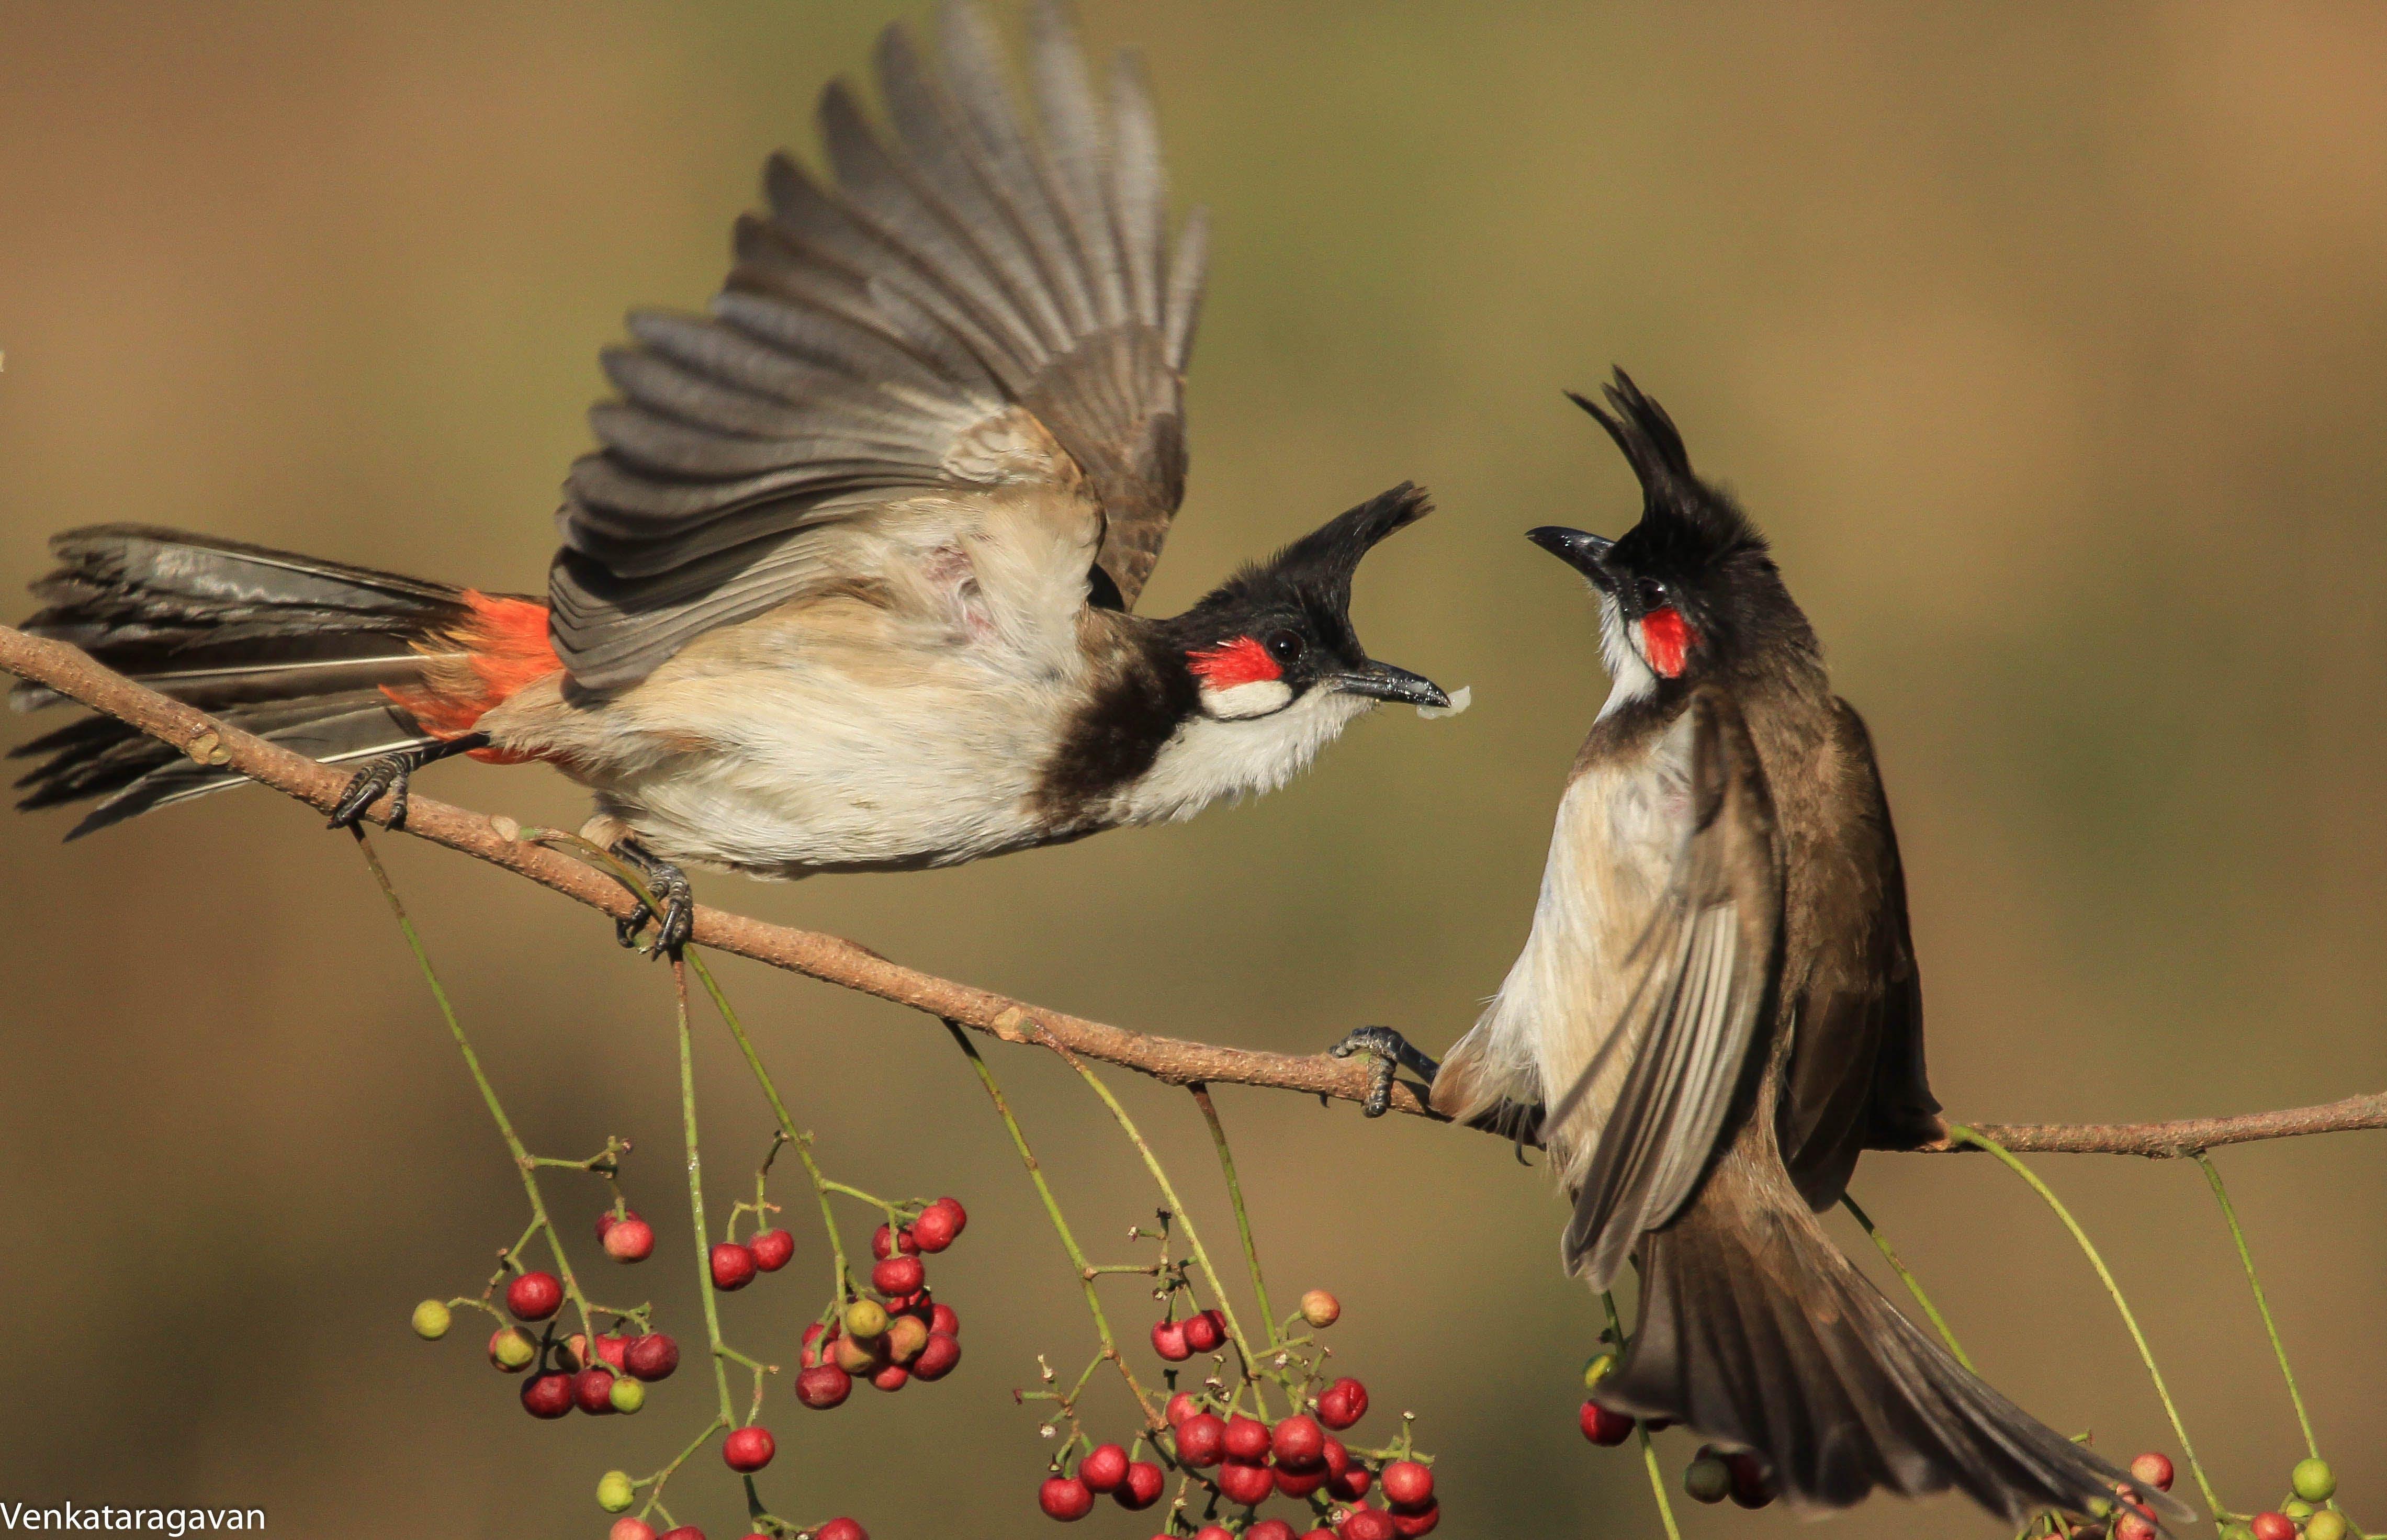 Free stock photo of bird, bird house, bird nest, fight